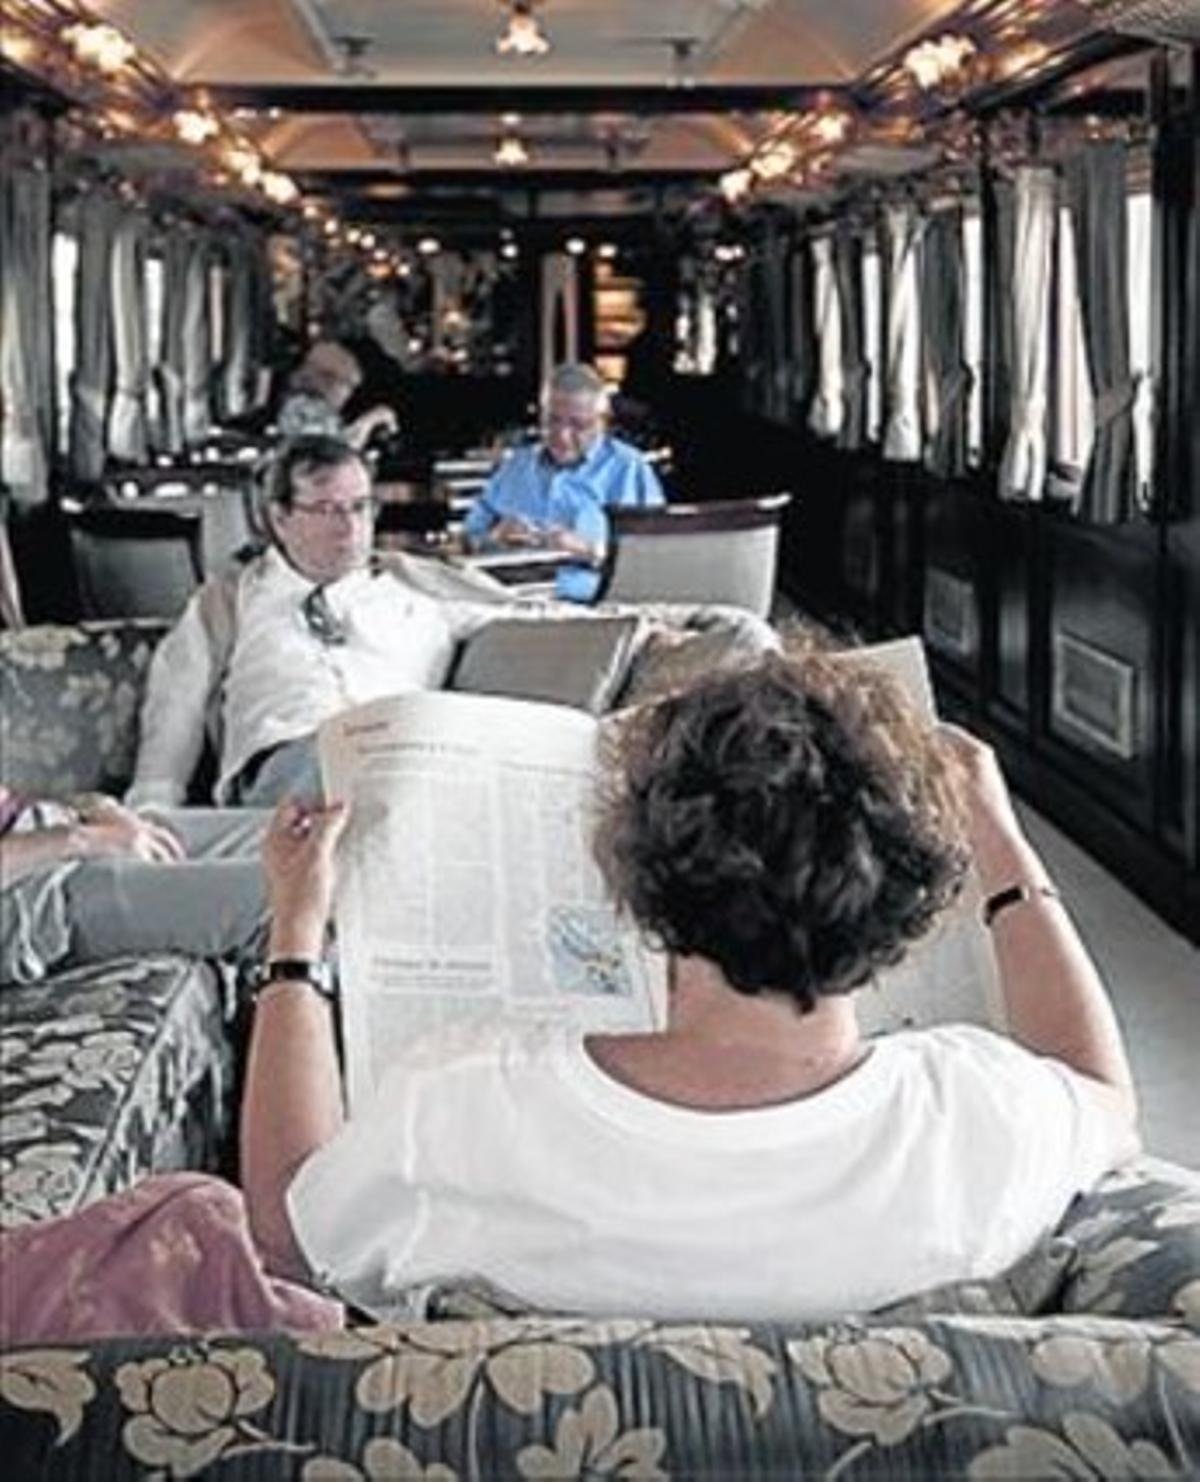 Pasajeros en el tren turístico Al Andalus en su ruta ibérica que va de Madrid a Zaragoza.